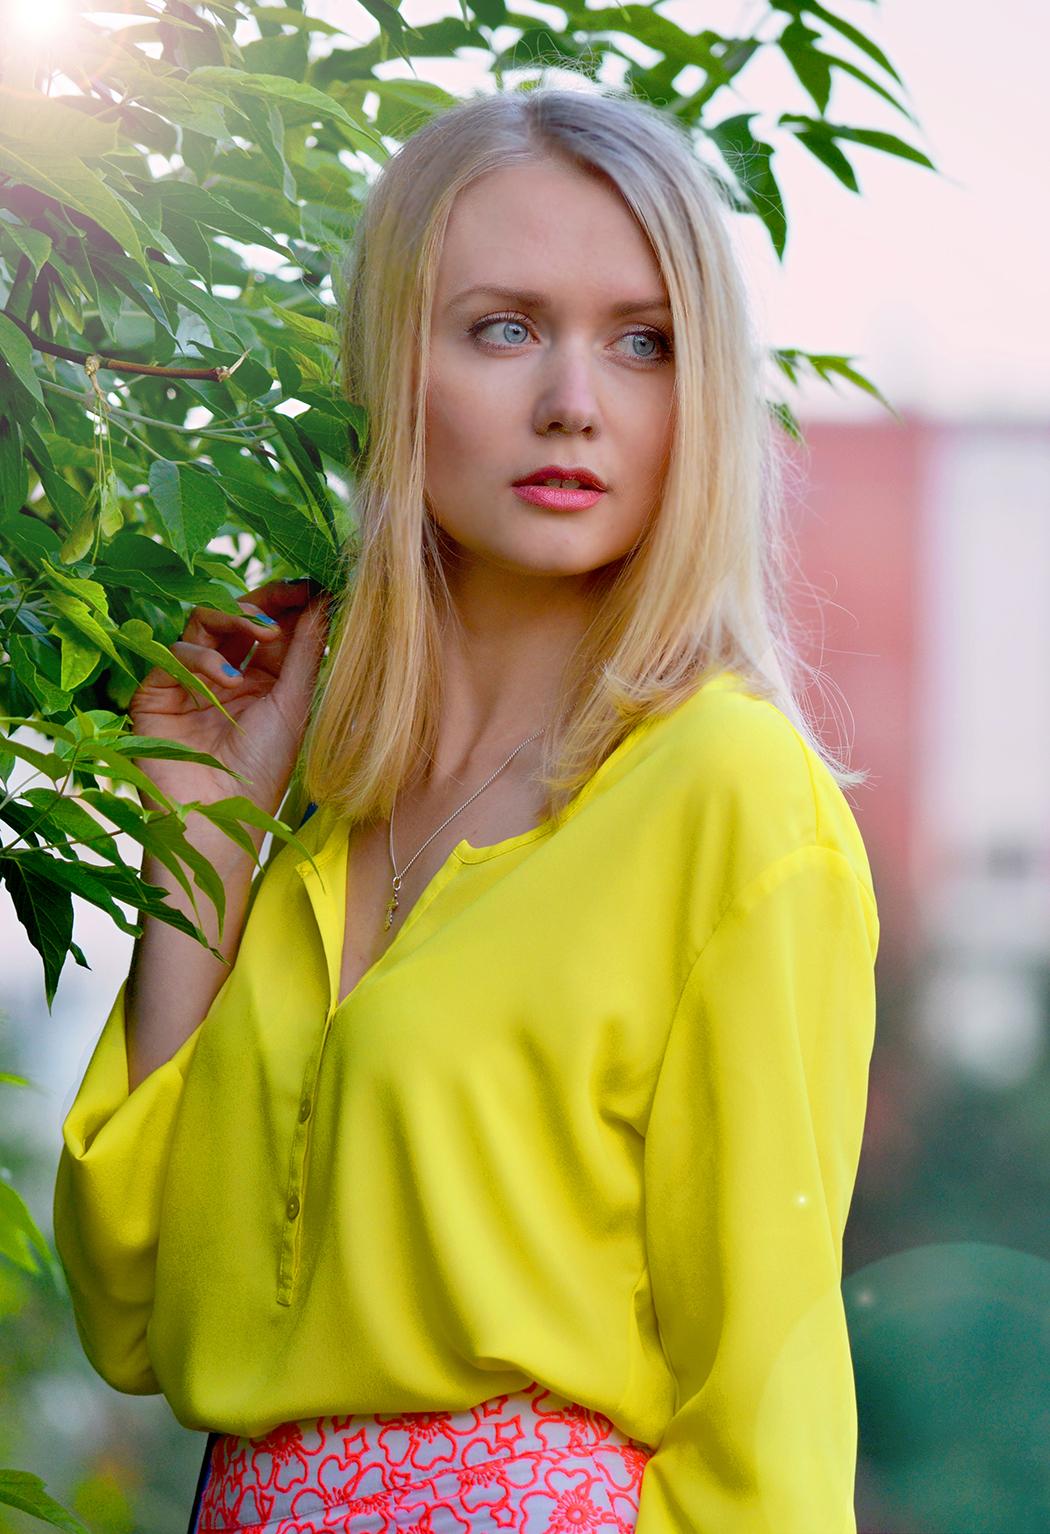 inspiration, streetstyle, spring outfit, moscow fashion week, annamidday, top fashion blogger, top russian fashion blogger, фэшн блогер, русский блогер, известный блогер, топовый блогер, russian bloger, top russian blogger, streetfashion, russian fashion blogger, blogger, fashion, style, fashionista, модный блогер, российский блогер, ТОП блогер, ootd, lookoftheday, look, популярный блогер, российский модный блогер, russian girl, с чем носить миди-юбку, как одеться весной, модные весенние аксессуары, цветовой круг, цветовые сочетания, как подобрать свои цвета, миди юбка, красивая девушка, русская девушка